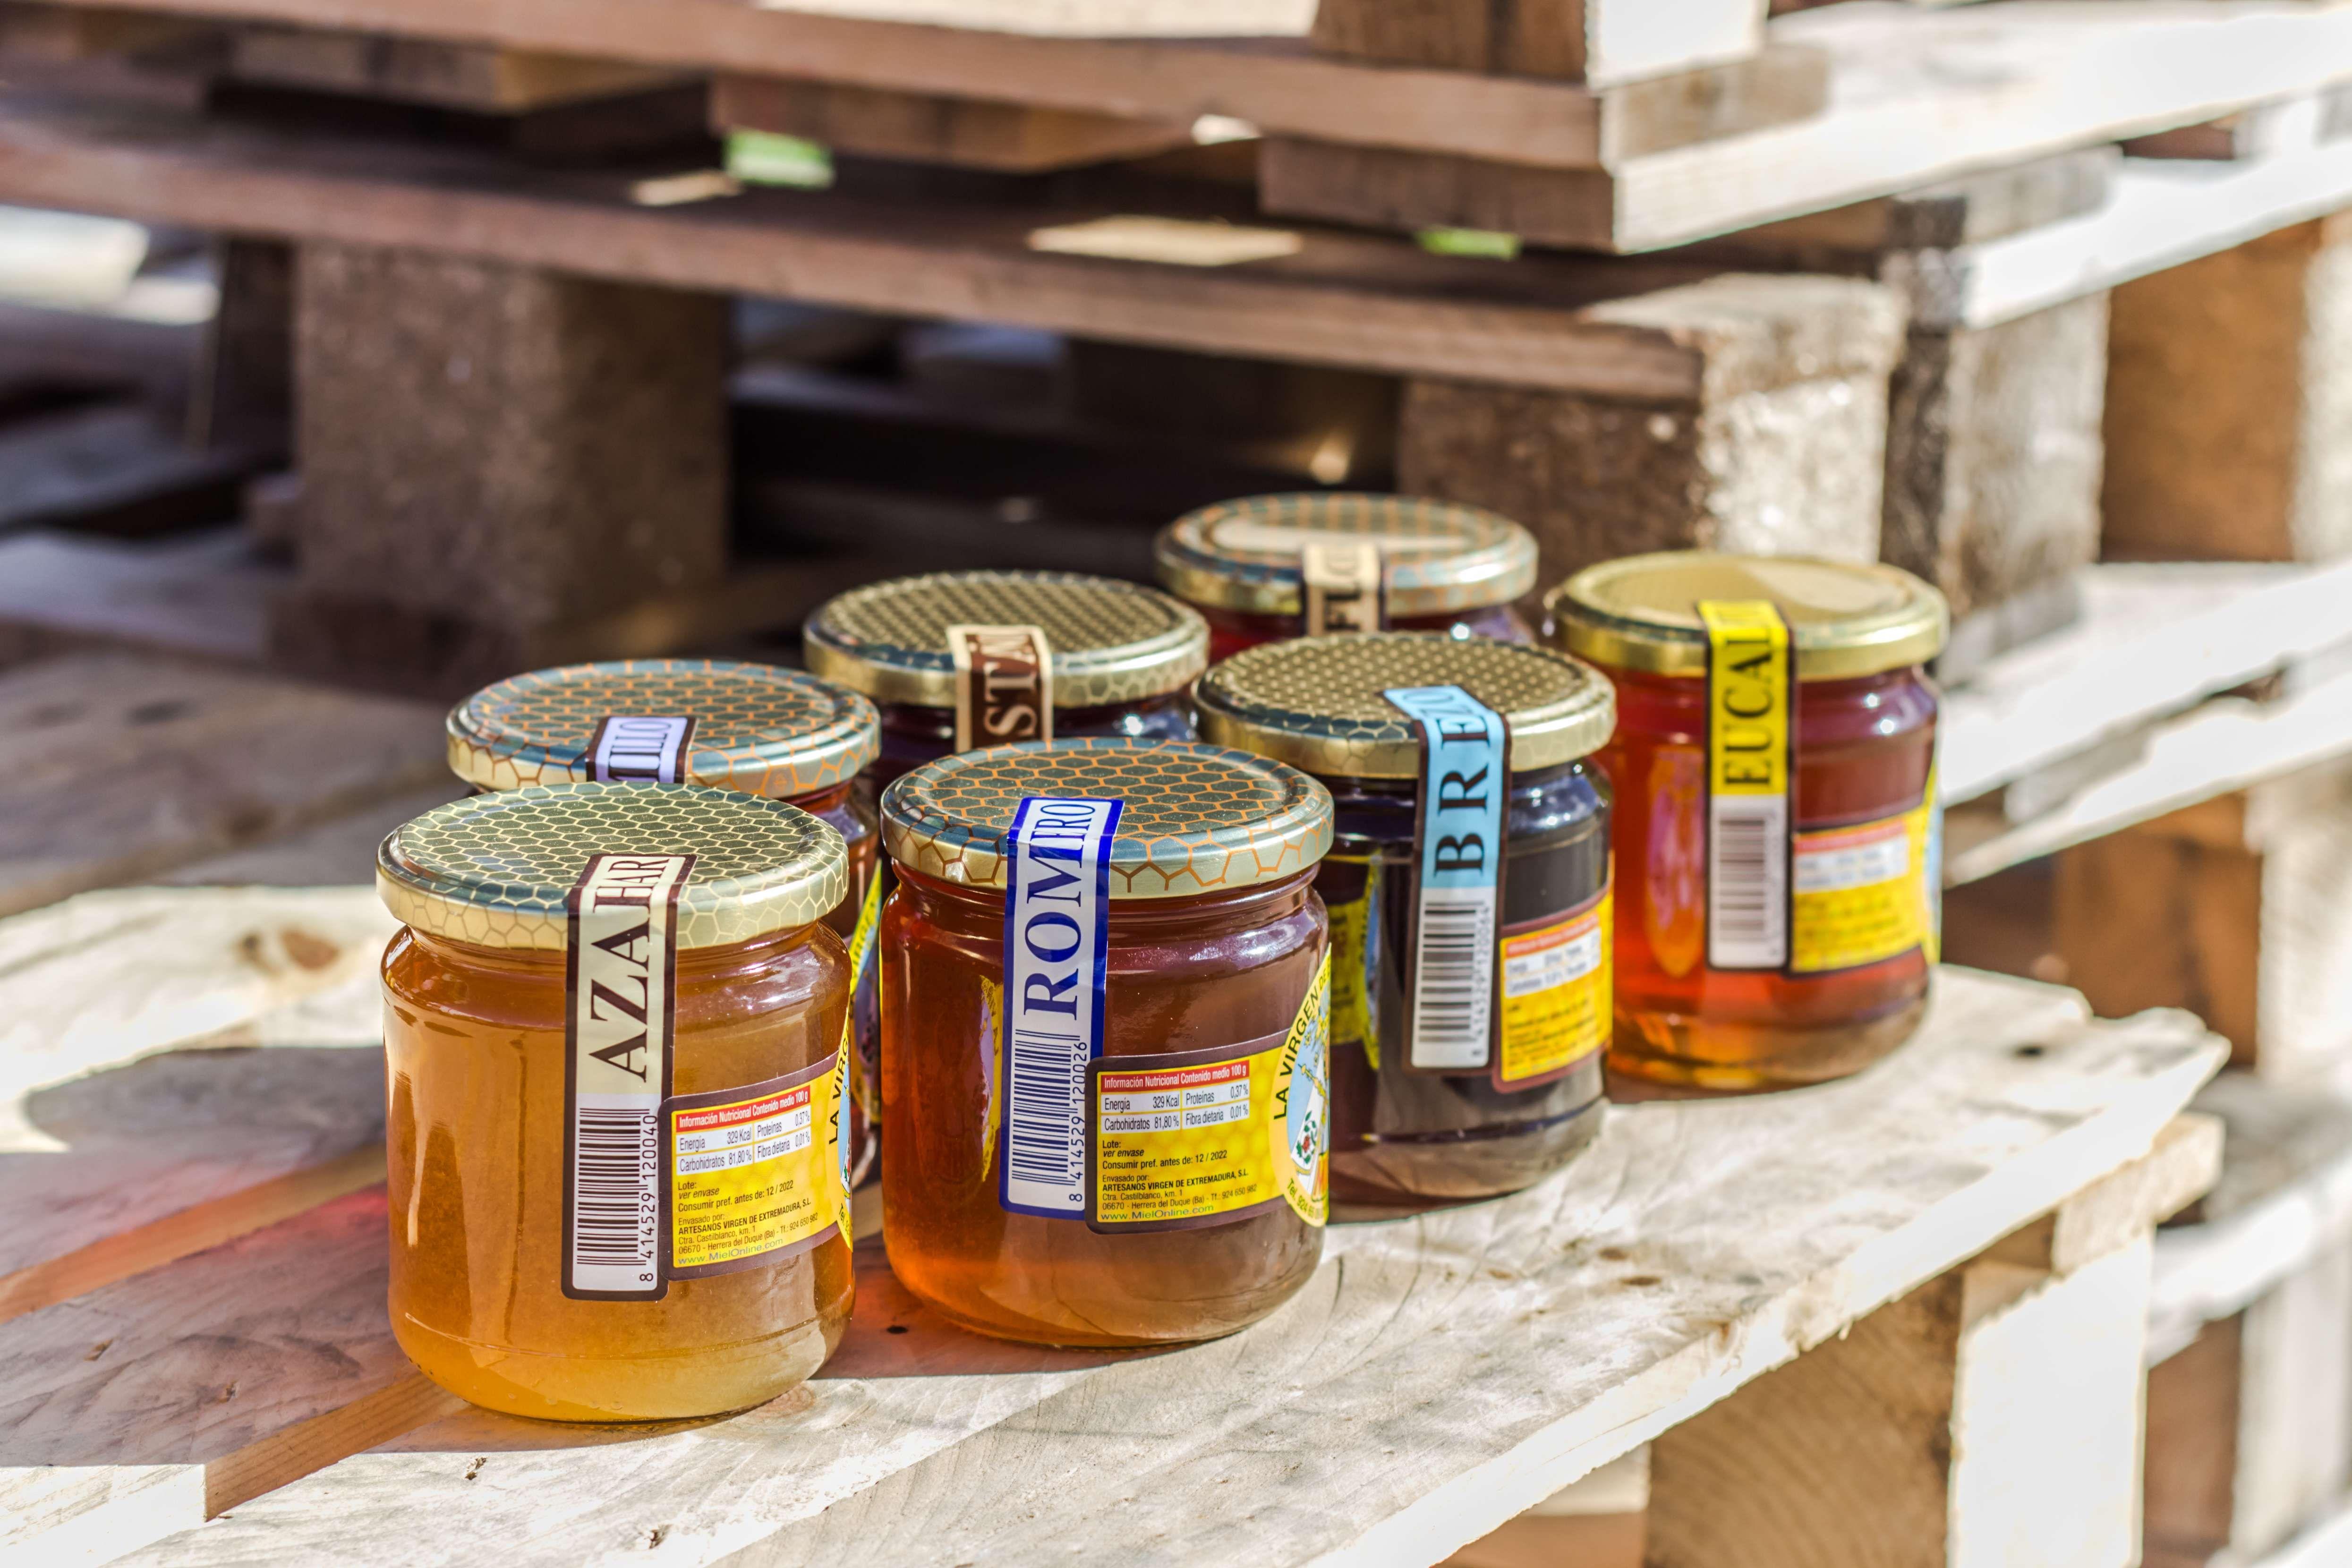 Foto 43 de Venta de miel, productos dietéticos y cosmética natural en Herrera del Duque | Miel Virgen de Extremadura